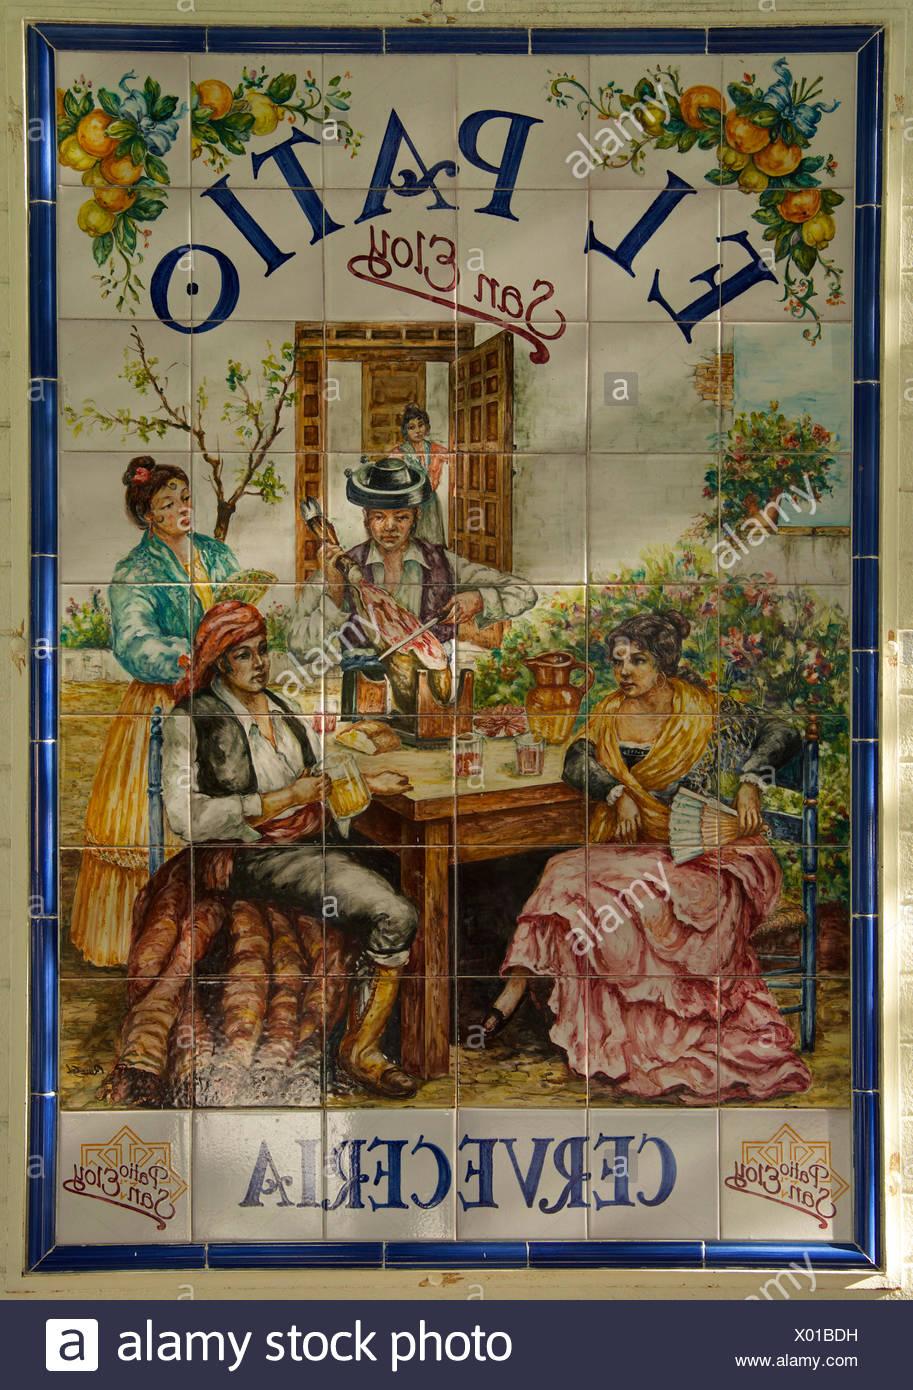 Andalucía, España, Europa, exterior, día, azulejos, baldosas, tradicional, Sevilla, detalle, nadie, formato vertical Imagen De Stock